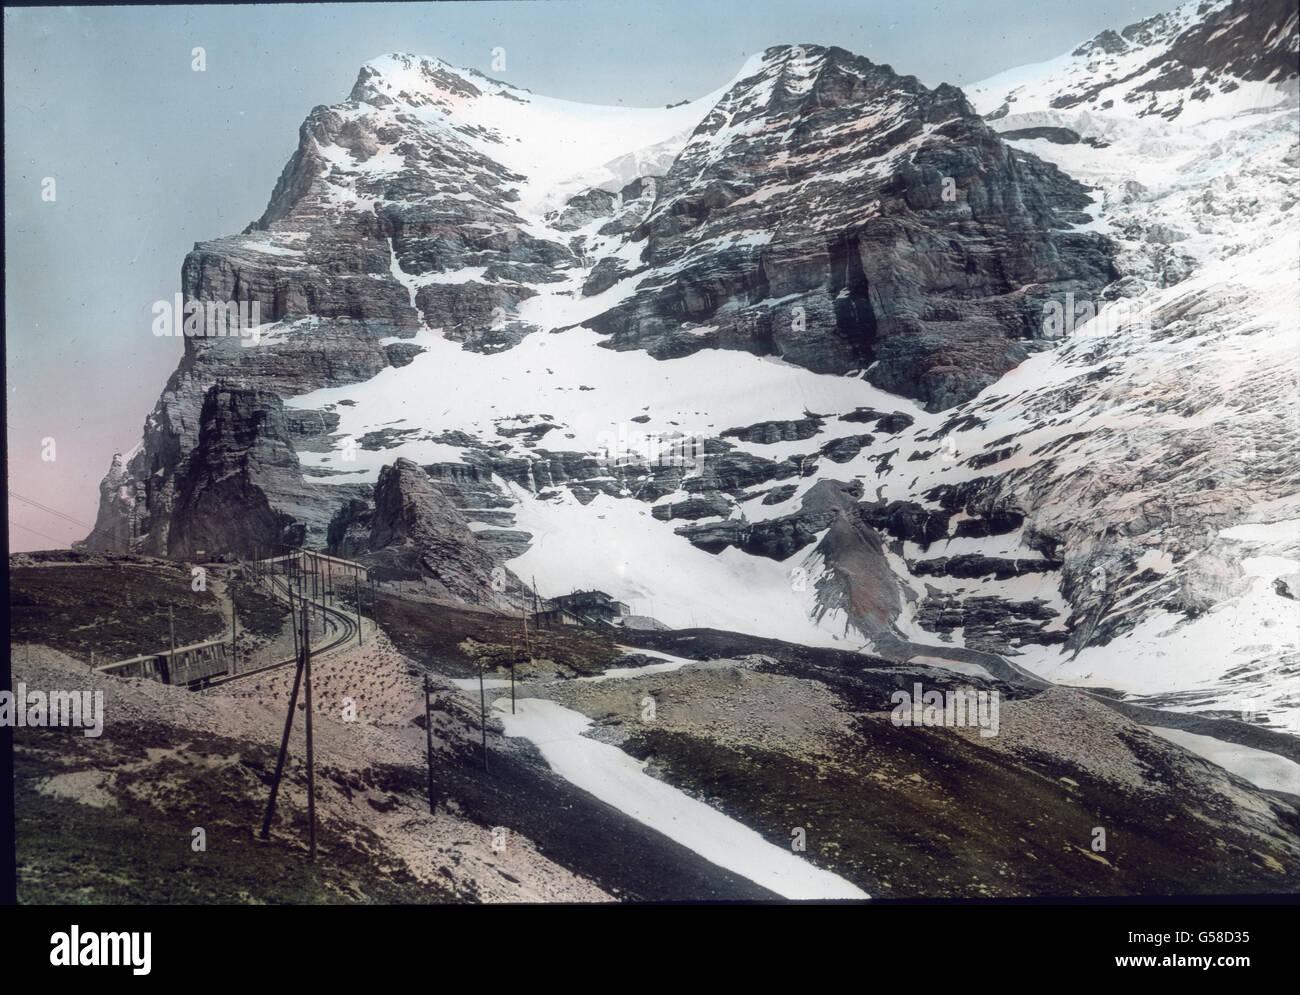 Auf hohem Damme geht sie dann an Schneefelder und den Moränen des Gletschers vorbei direkt auf dan Eiger zu. - Stock Image